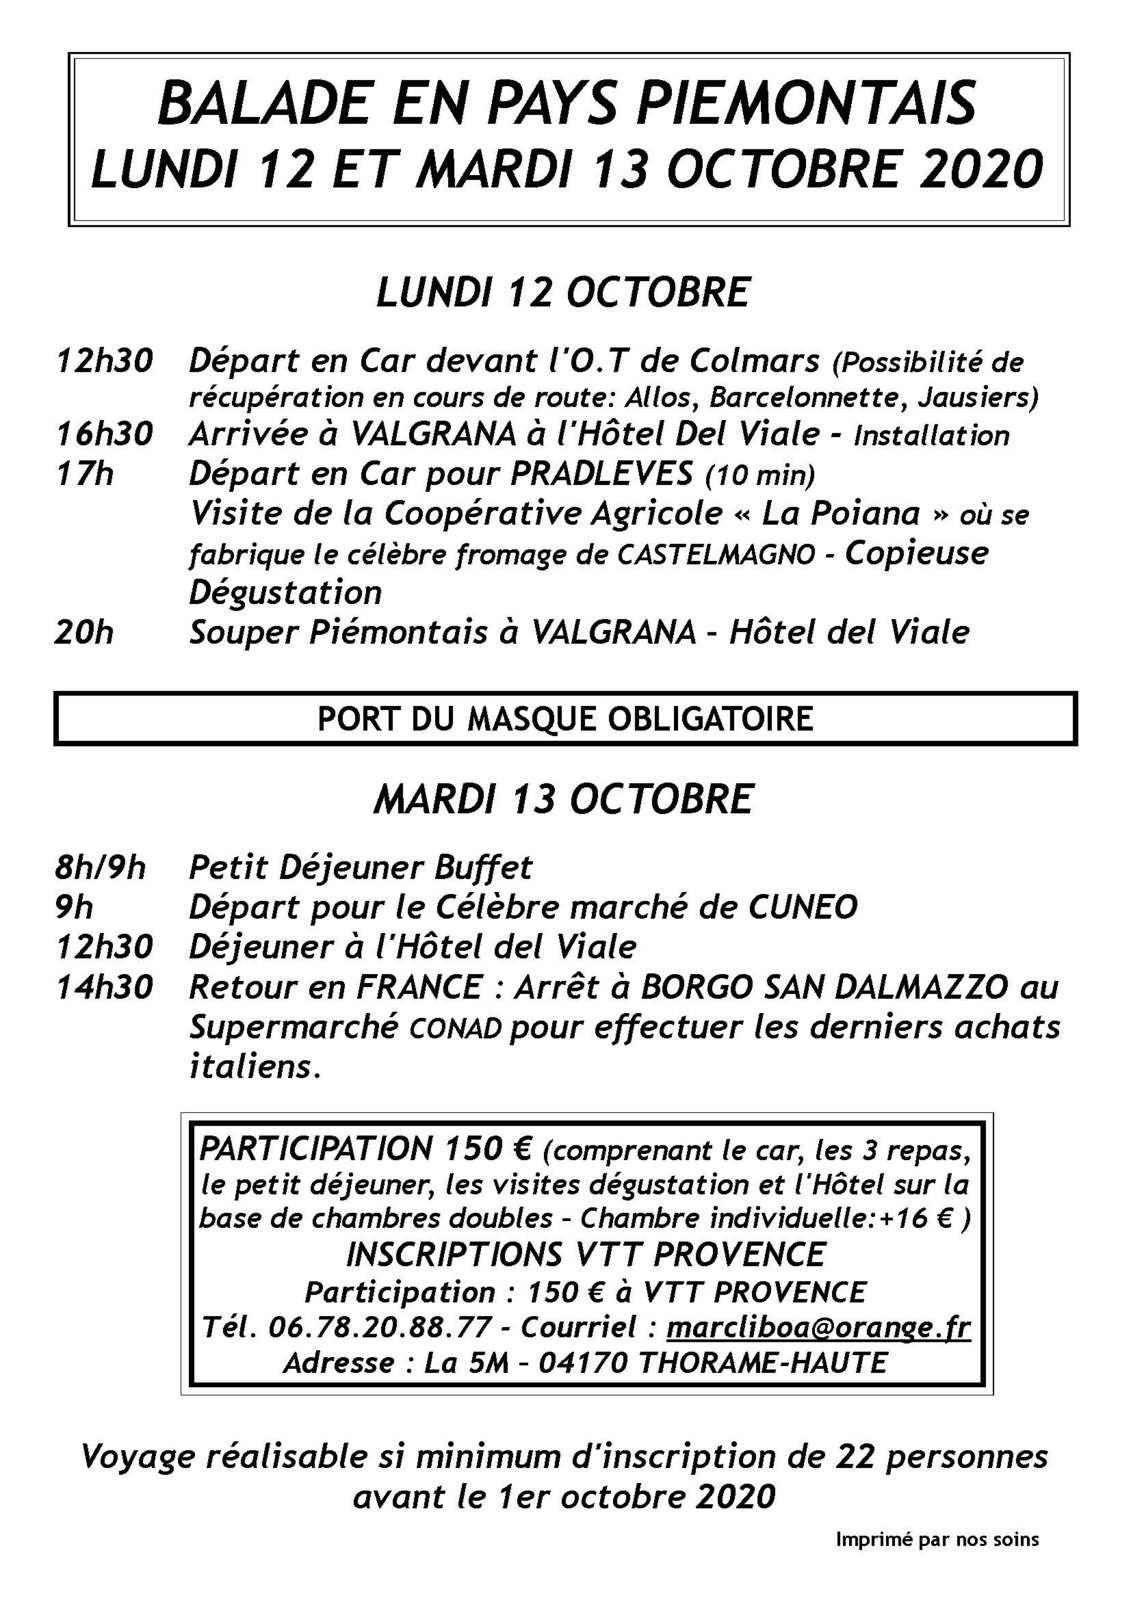 Affiche ballade au pays piemontais 12 et 13 octobre  (VTT provence ) Thorame Haute